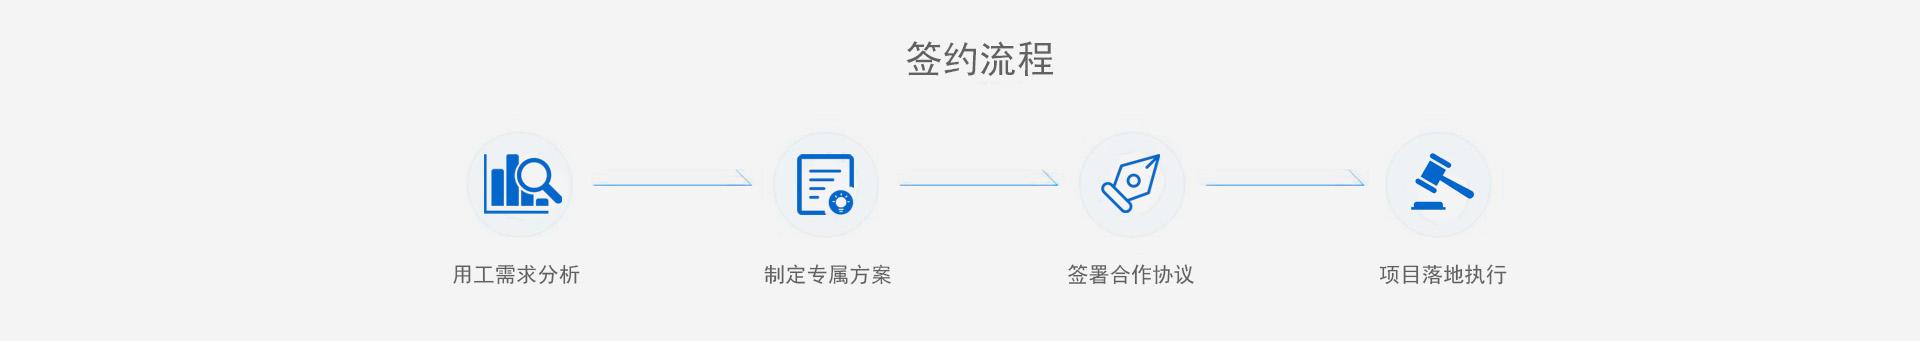 甘肃泓瑞建筑工程有限公司签约流程